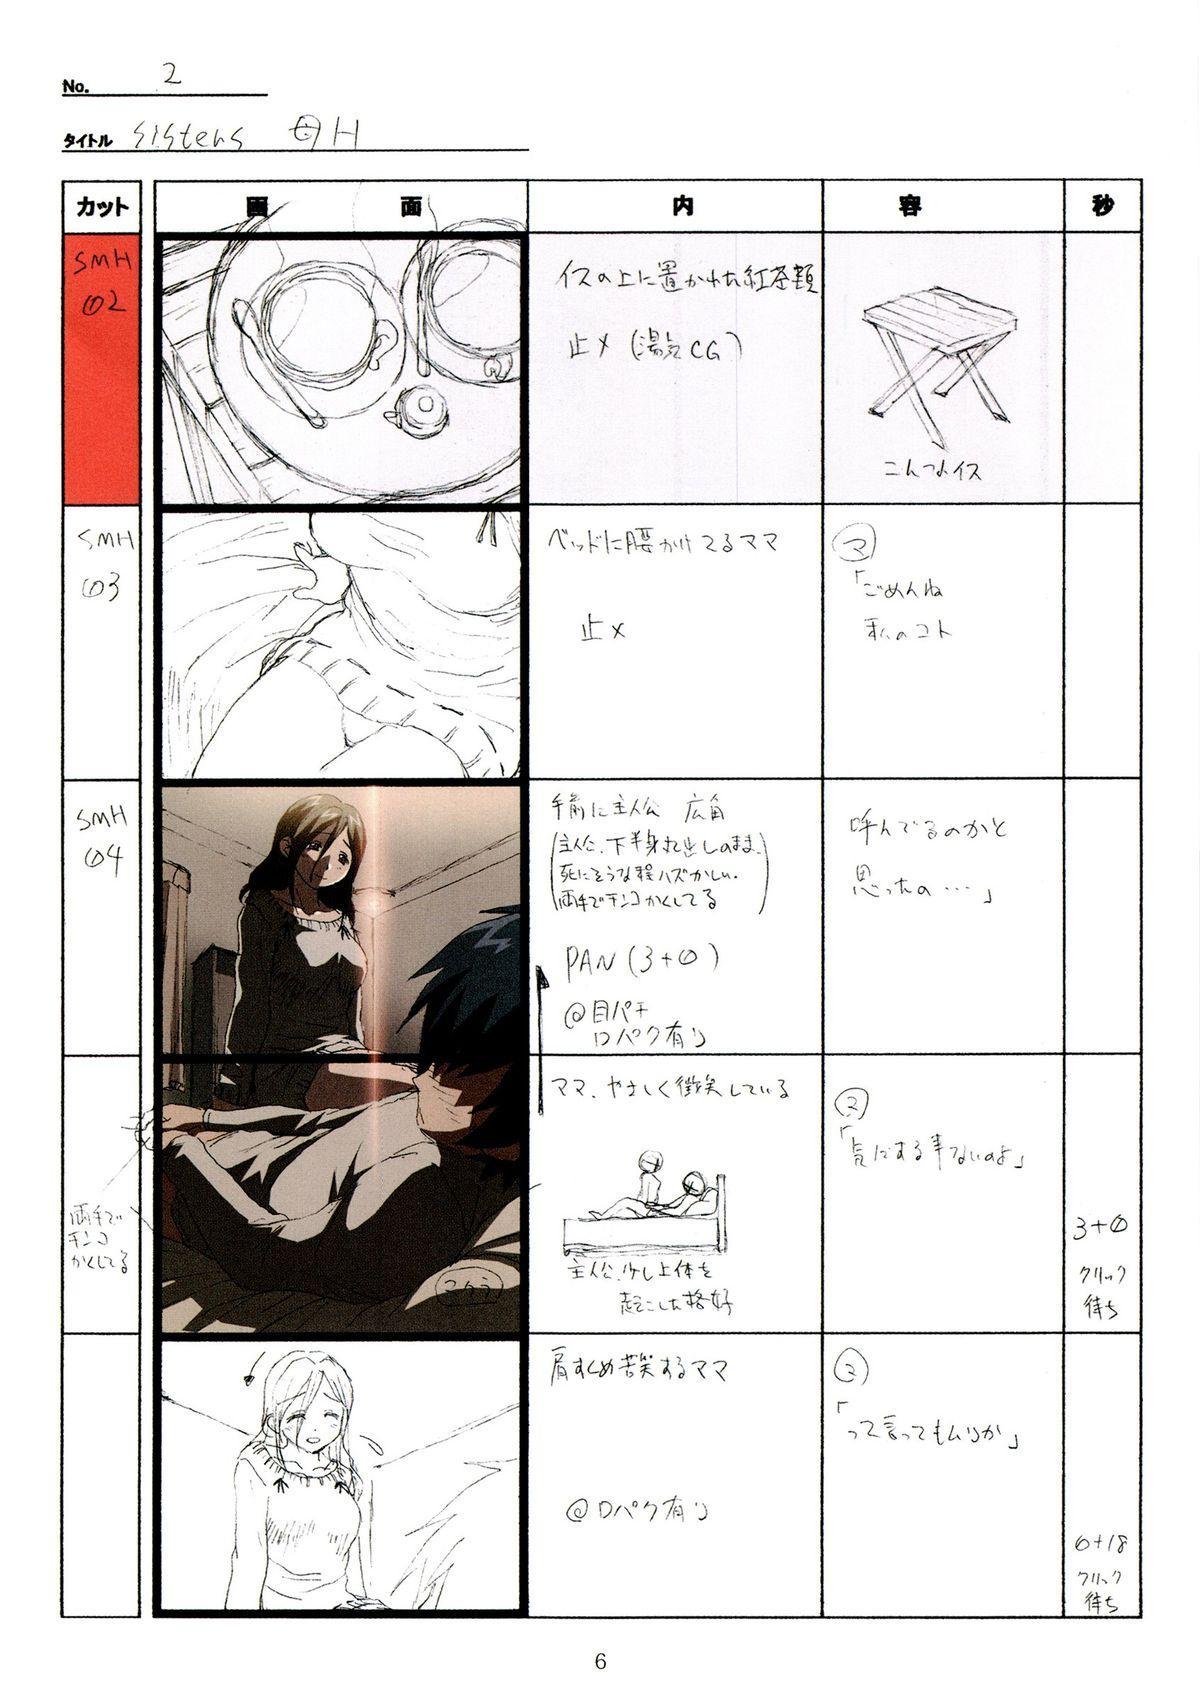 (C89) [Makino Jimusho (Taki Minashika)] SISTERS -Natsu no Saigo no Hi- H Scene All Part Storyboard (SISTERS -Natsu no Saigo no Hi-) 5